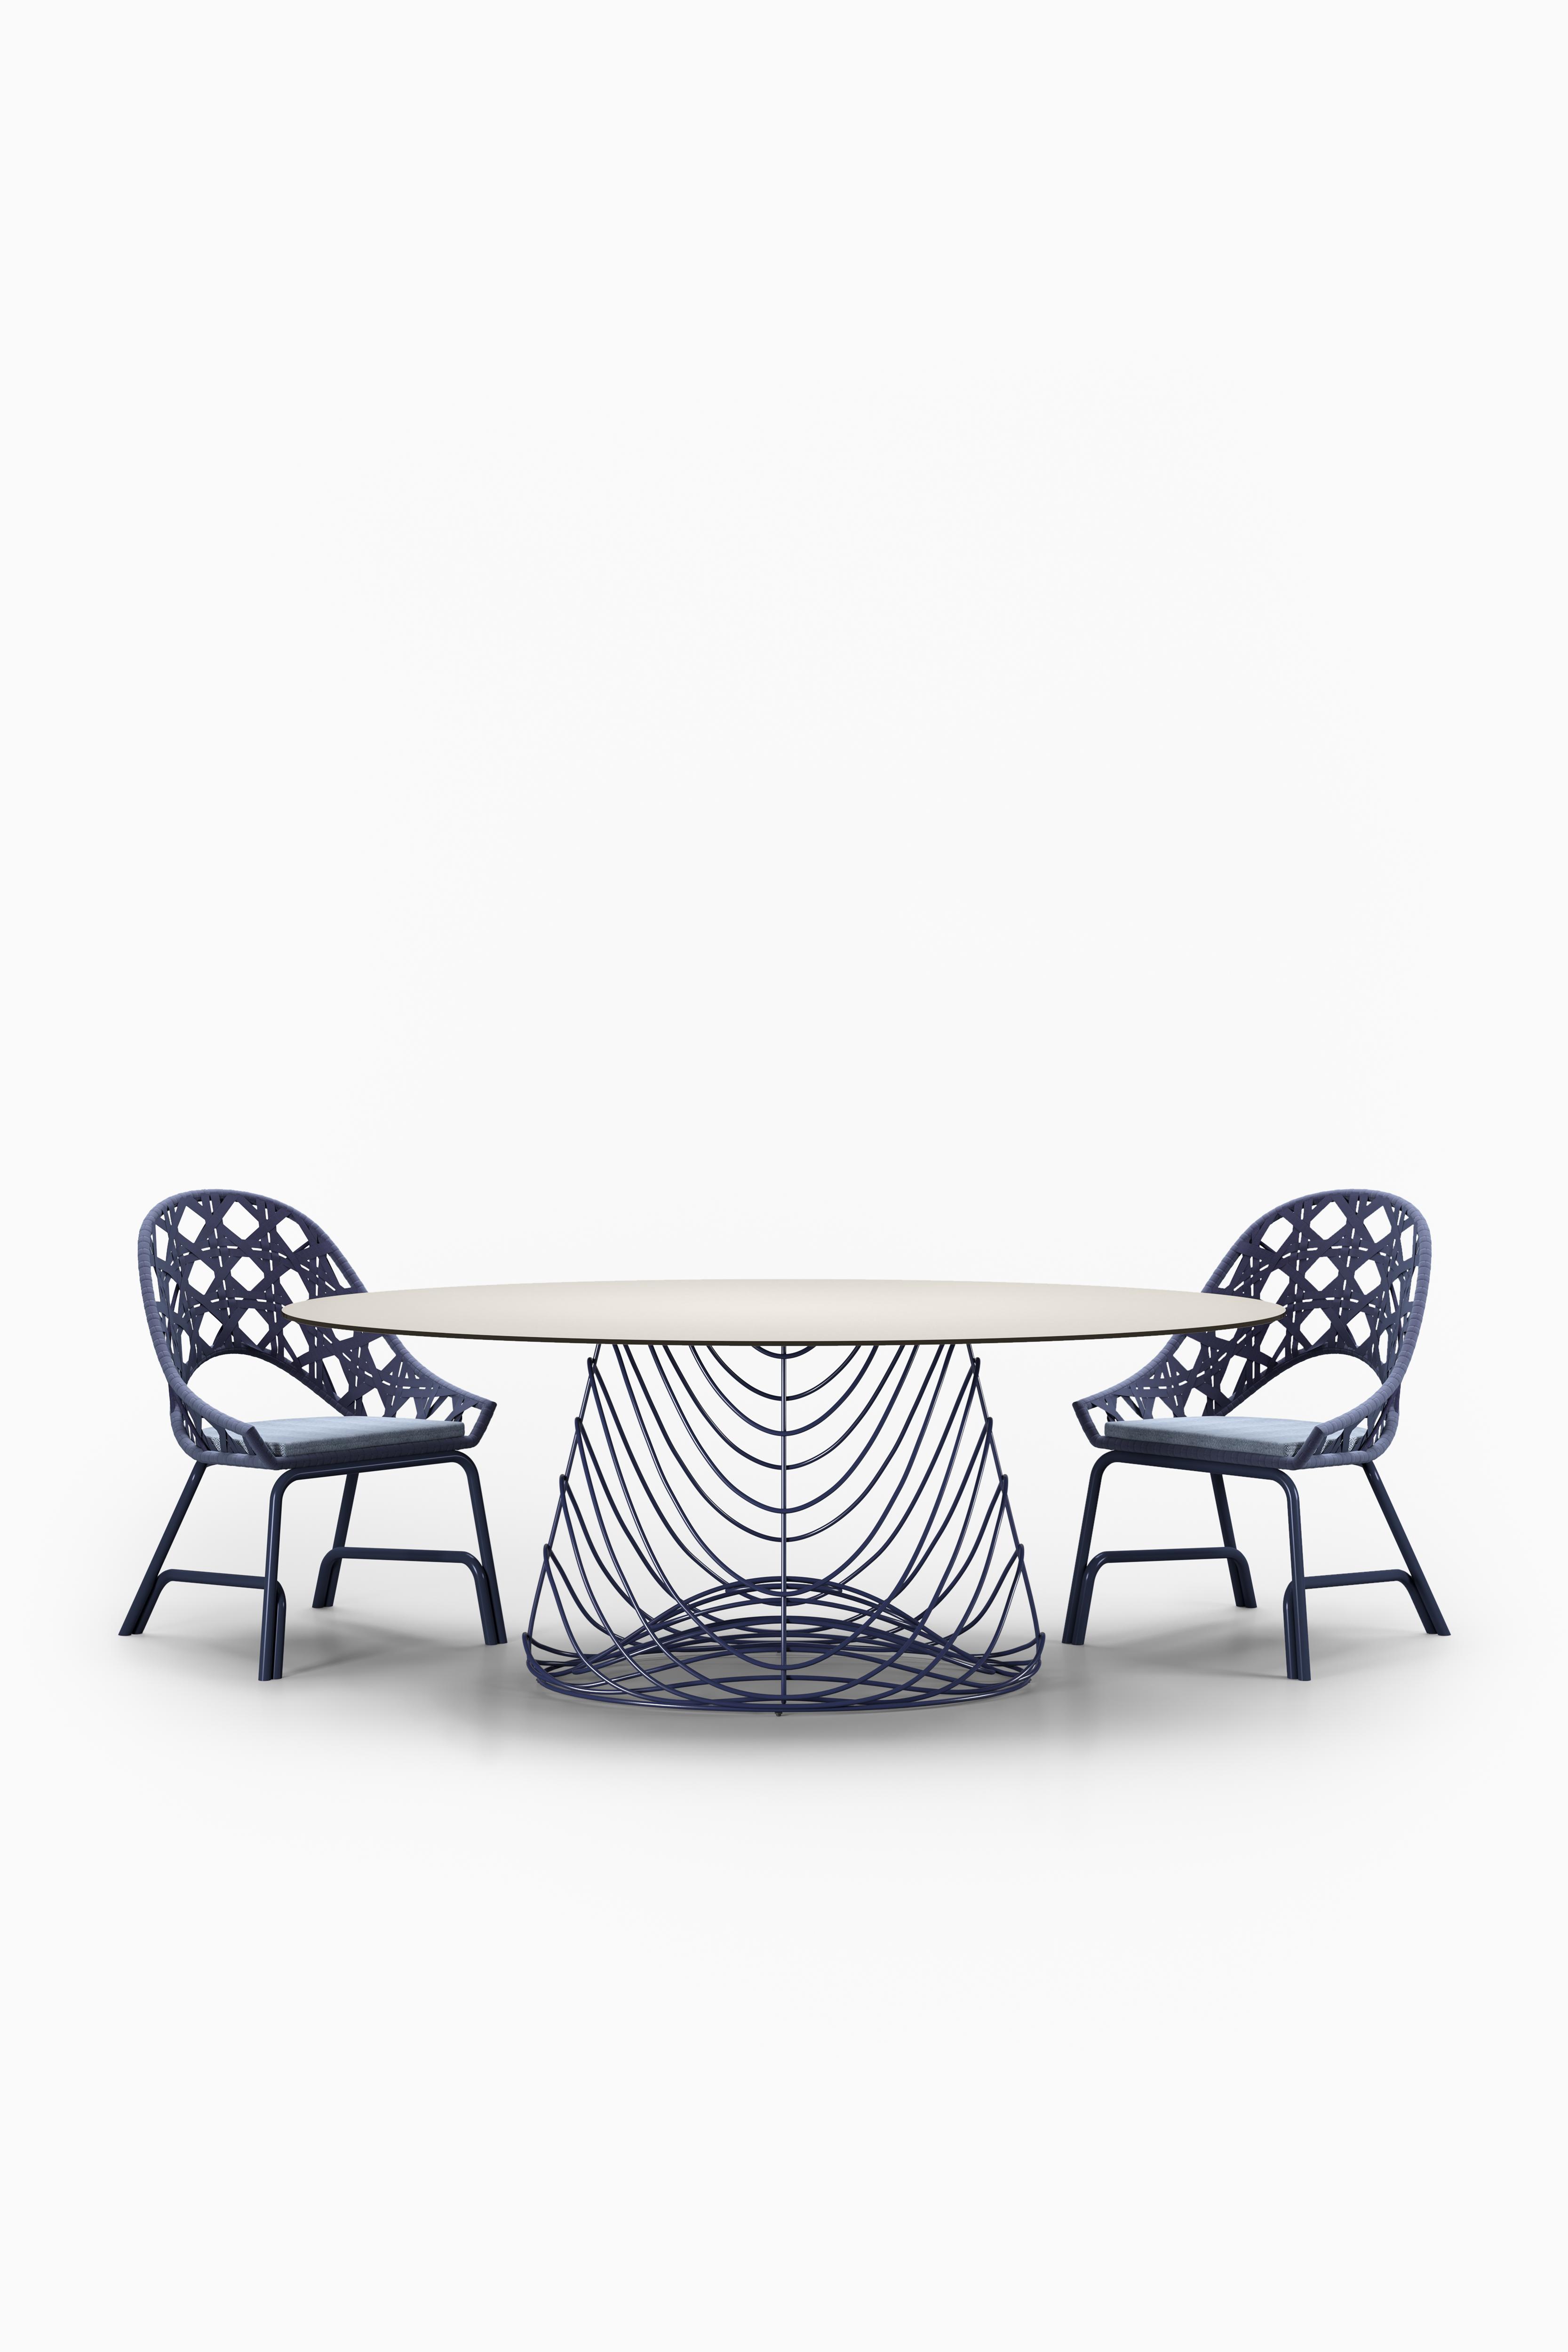 tOutdoor Möbel, Tisch und Stühle